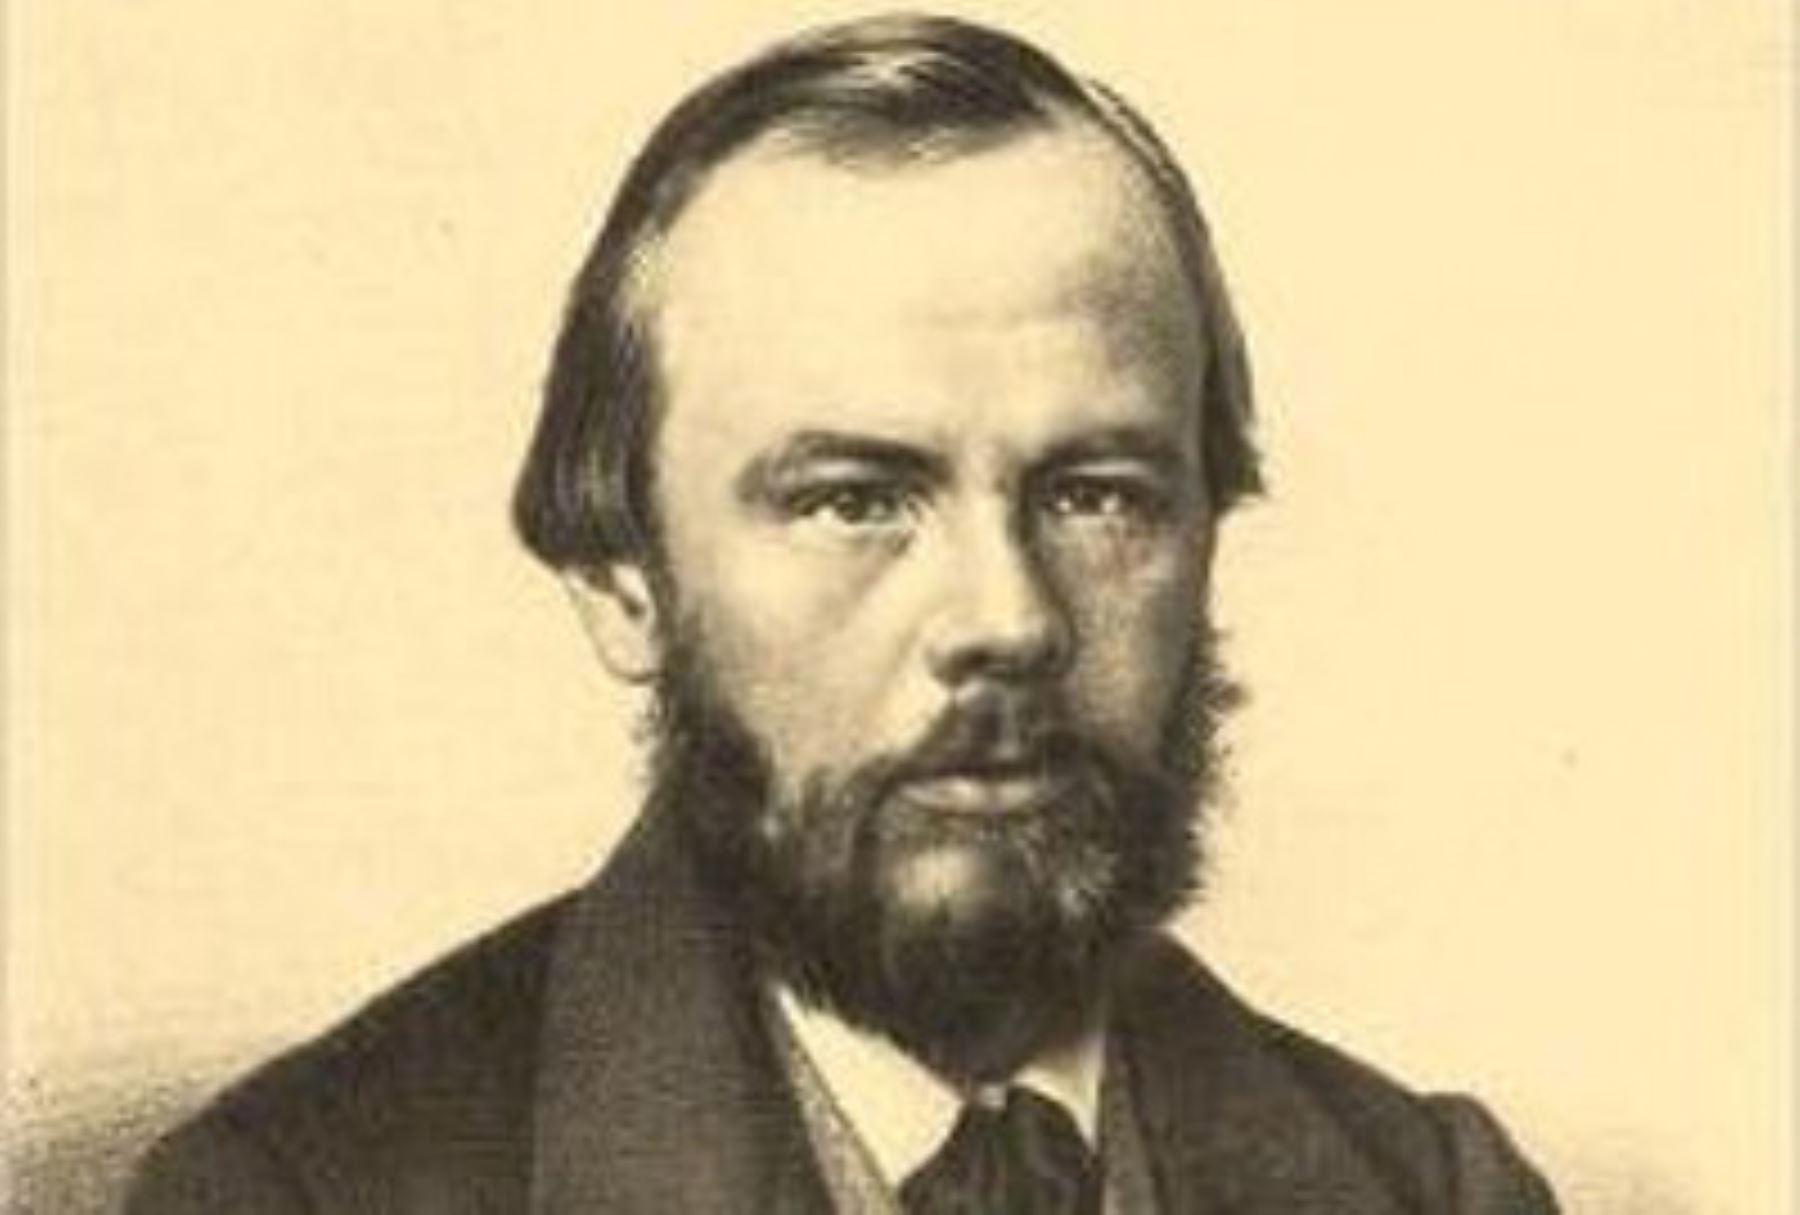 Crimen y castigo – Fiódor Dostoievski (Преступле́ние и наказа́ние)